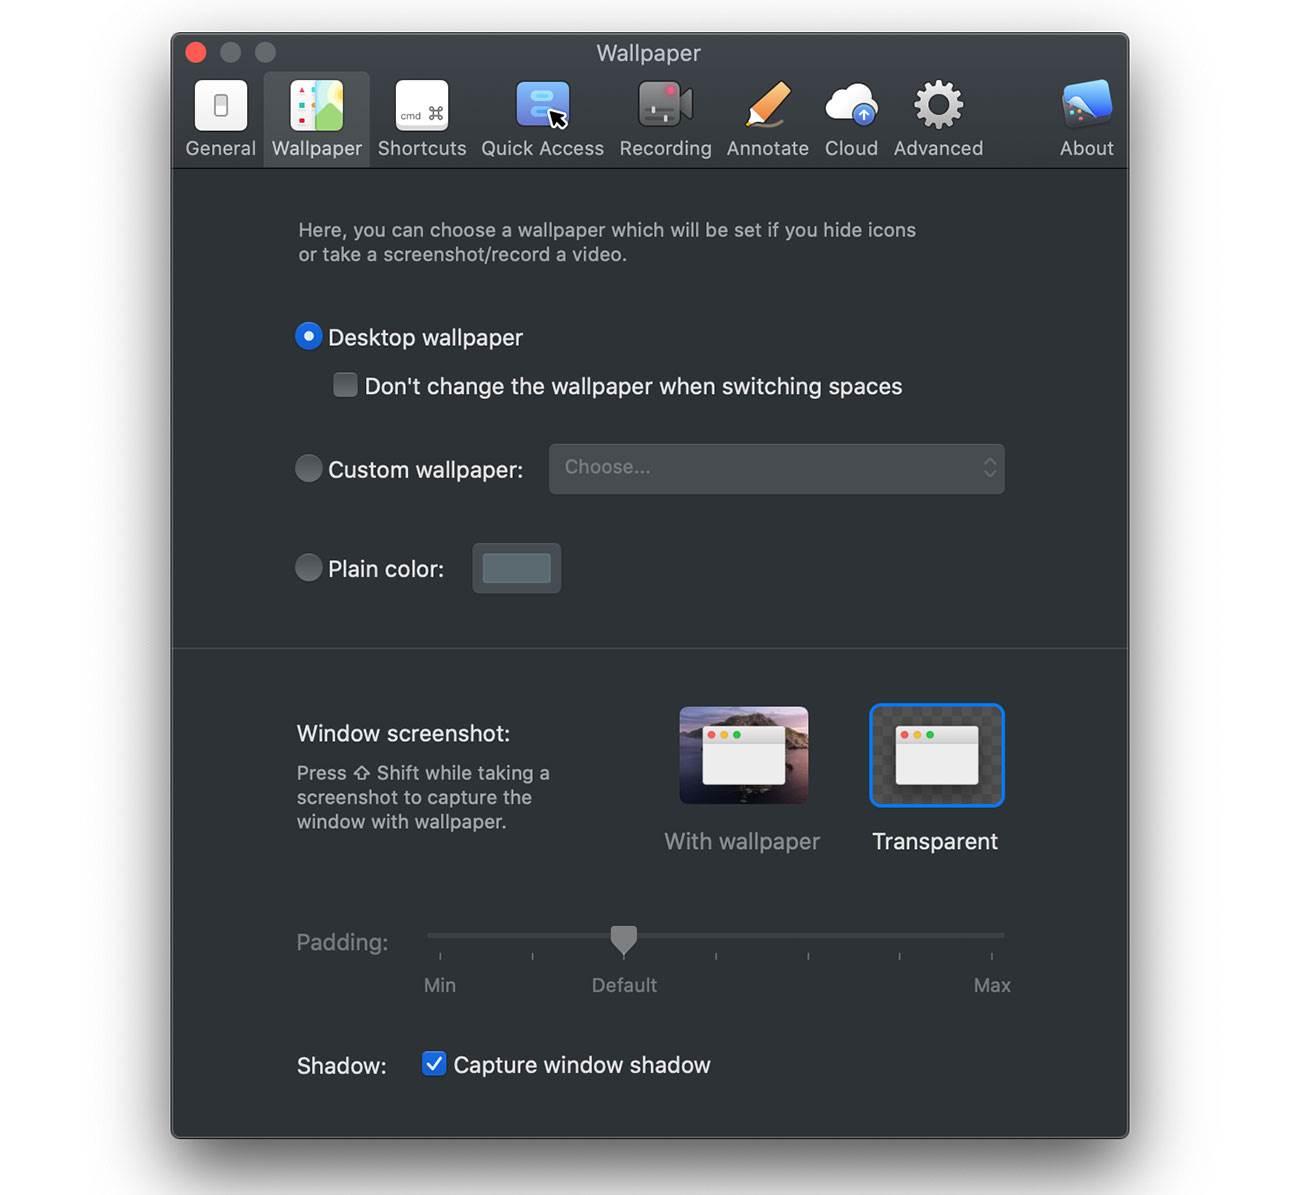 CleanShot X - zrzuty i nagrania ekranu na wyższym poziomie recenzje, polecane, ciekawostki Wideo, Recenzja, program do zrzutów ekranu, download, CleanShot X, Apple  macOS, a zwłaszcza dawny Mac OS X, zawsze kojarzył mi się ze stawianiem wyglądu programu przynajmniej na równi z jego funkcjonalnością. celan 4